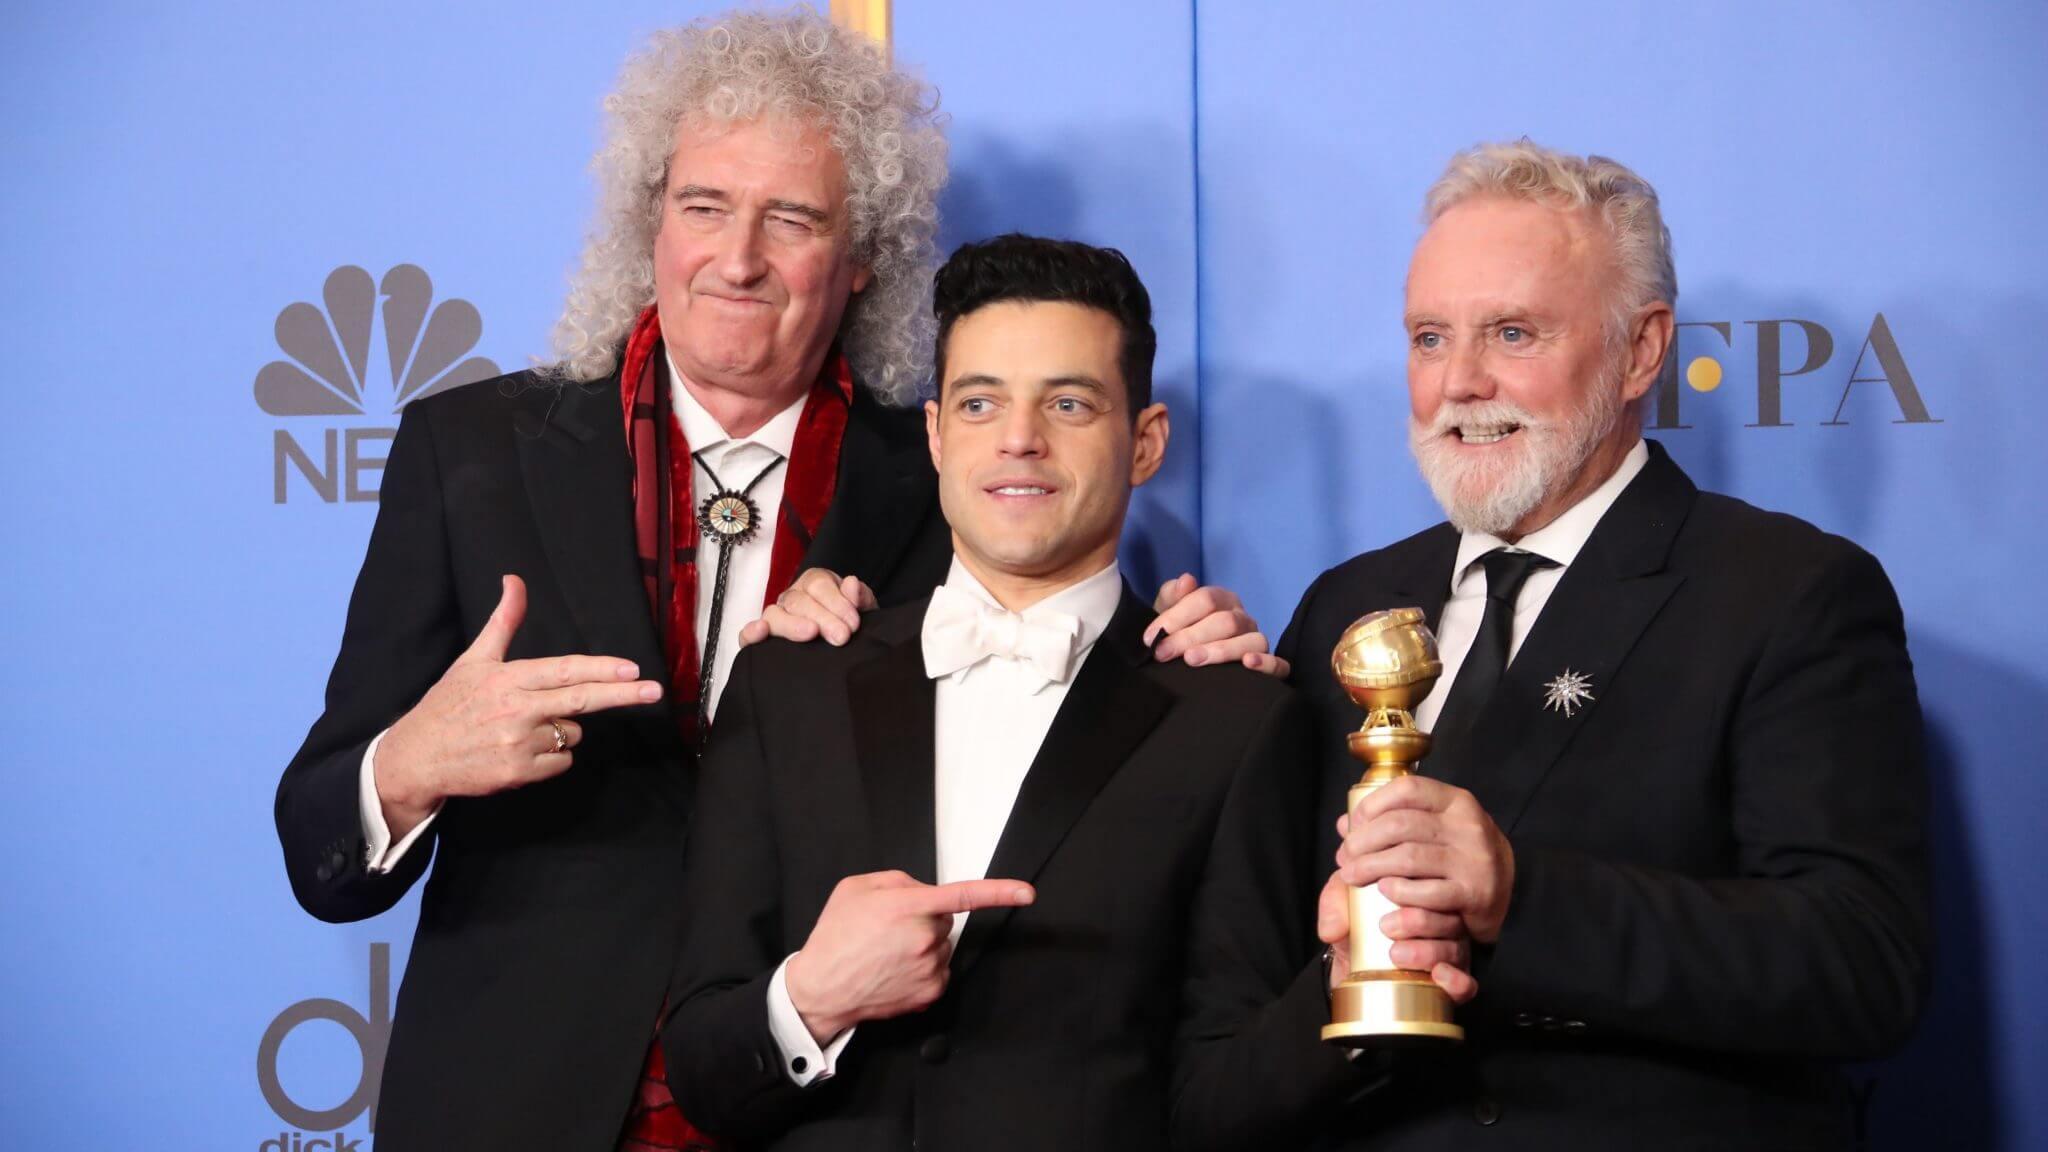 Golden Globes 2019: Los 11 mejores momentos de una ceremonia llena de sorpresas